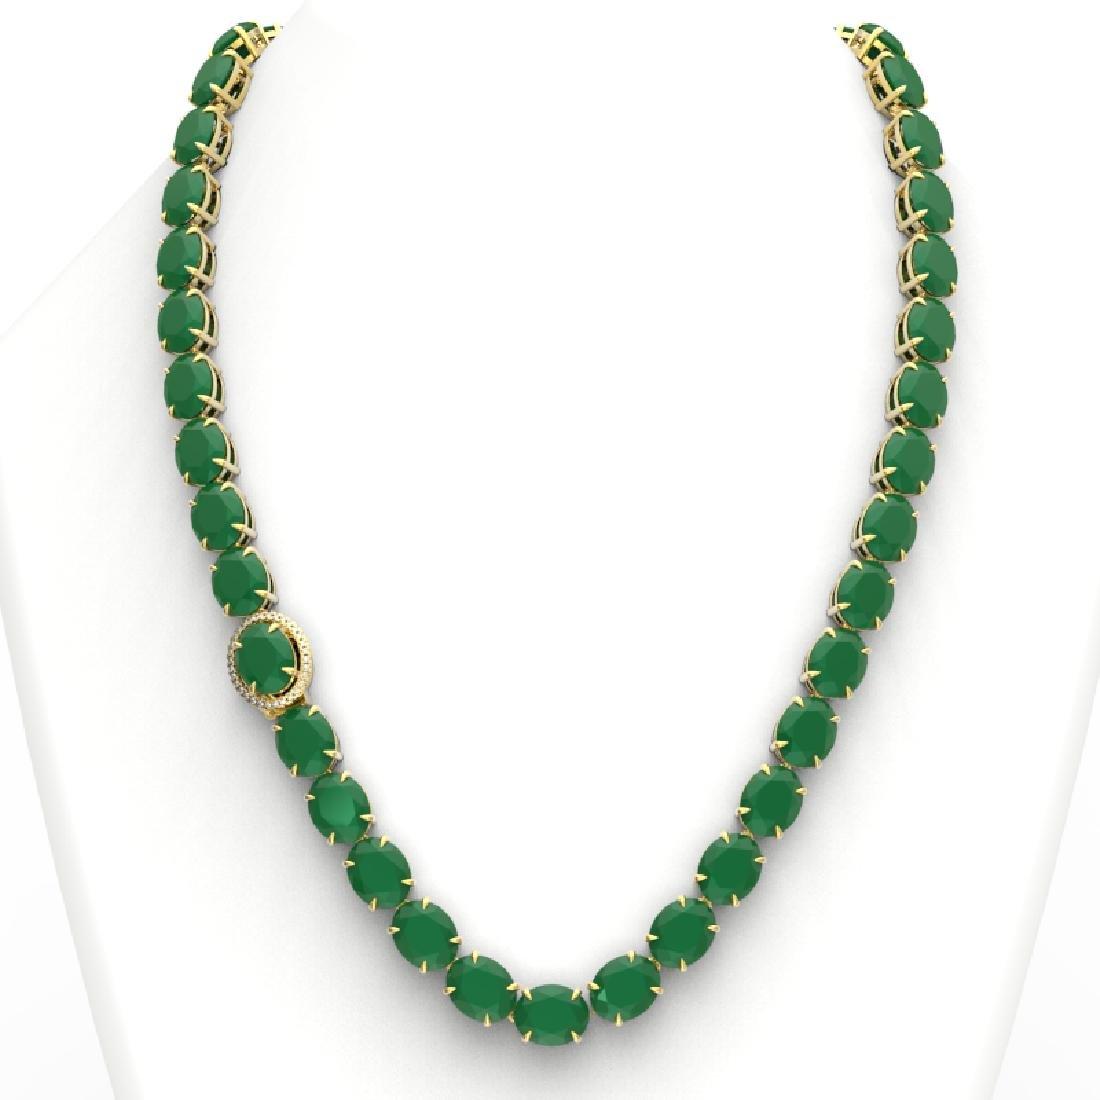 170 CTW Emerald & VS/SI Diamond Solitaire Necklace 14K - 3